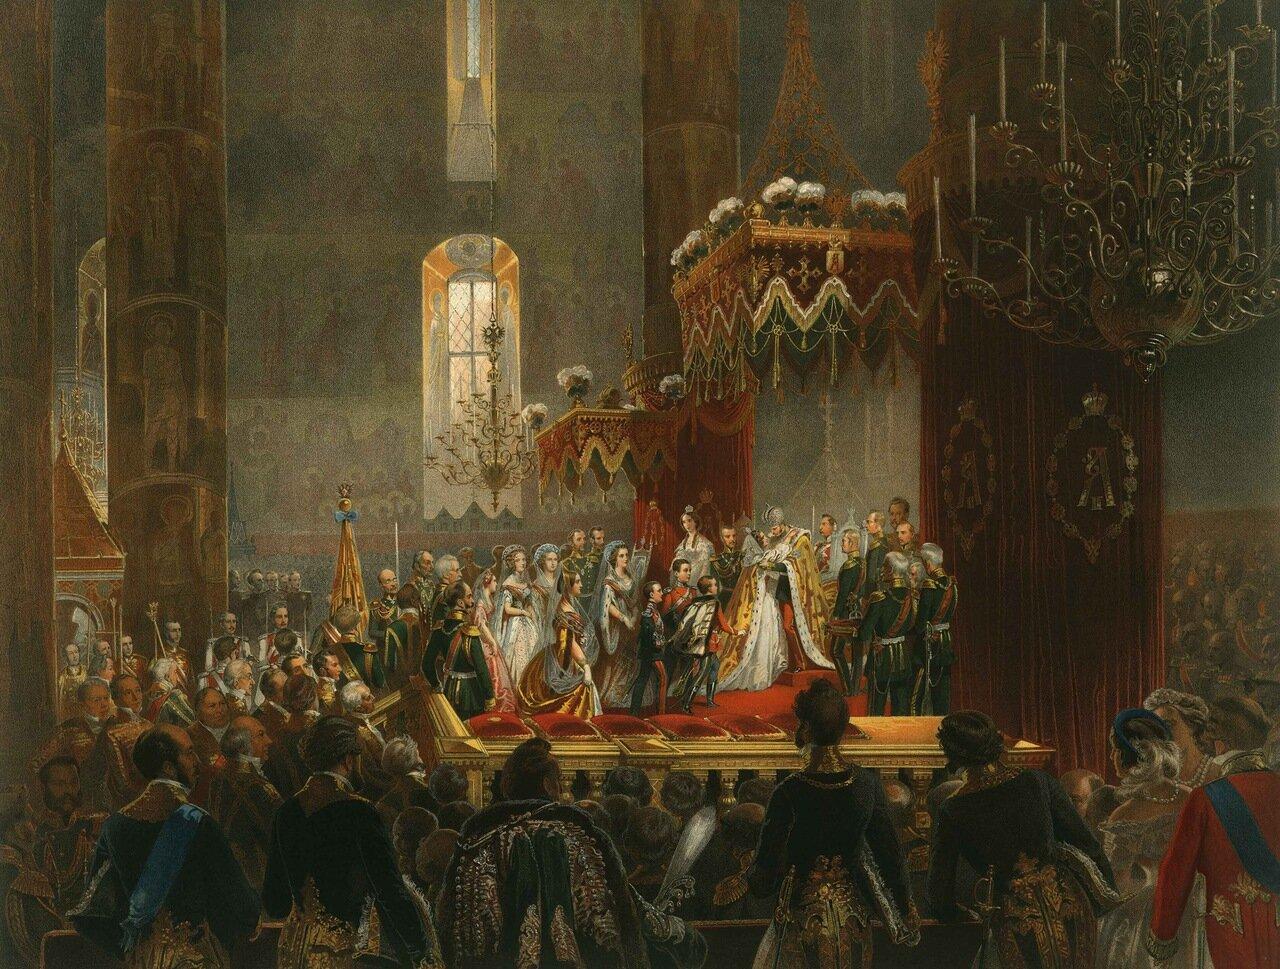 Поздравления, приносимые его величеству императору Александру II членами императорской фамилии после совершения коронования 26 августа 1856 года